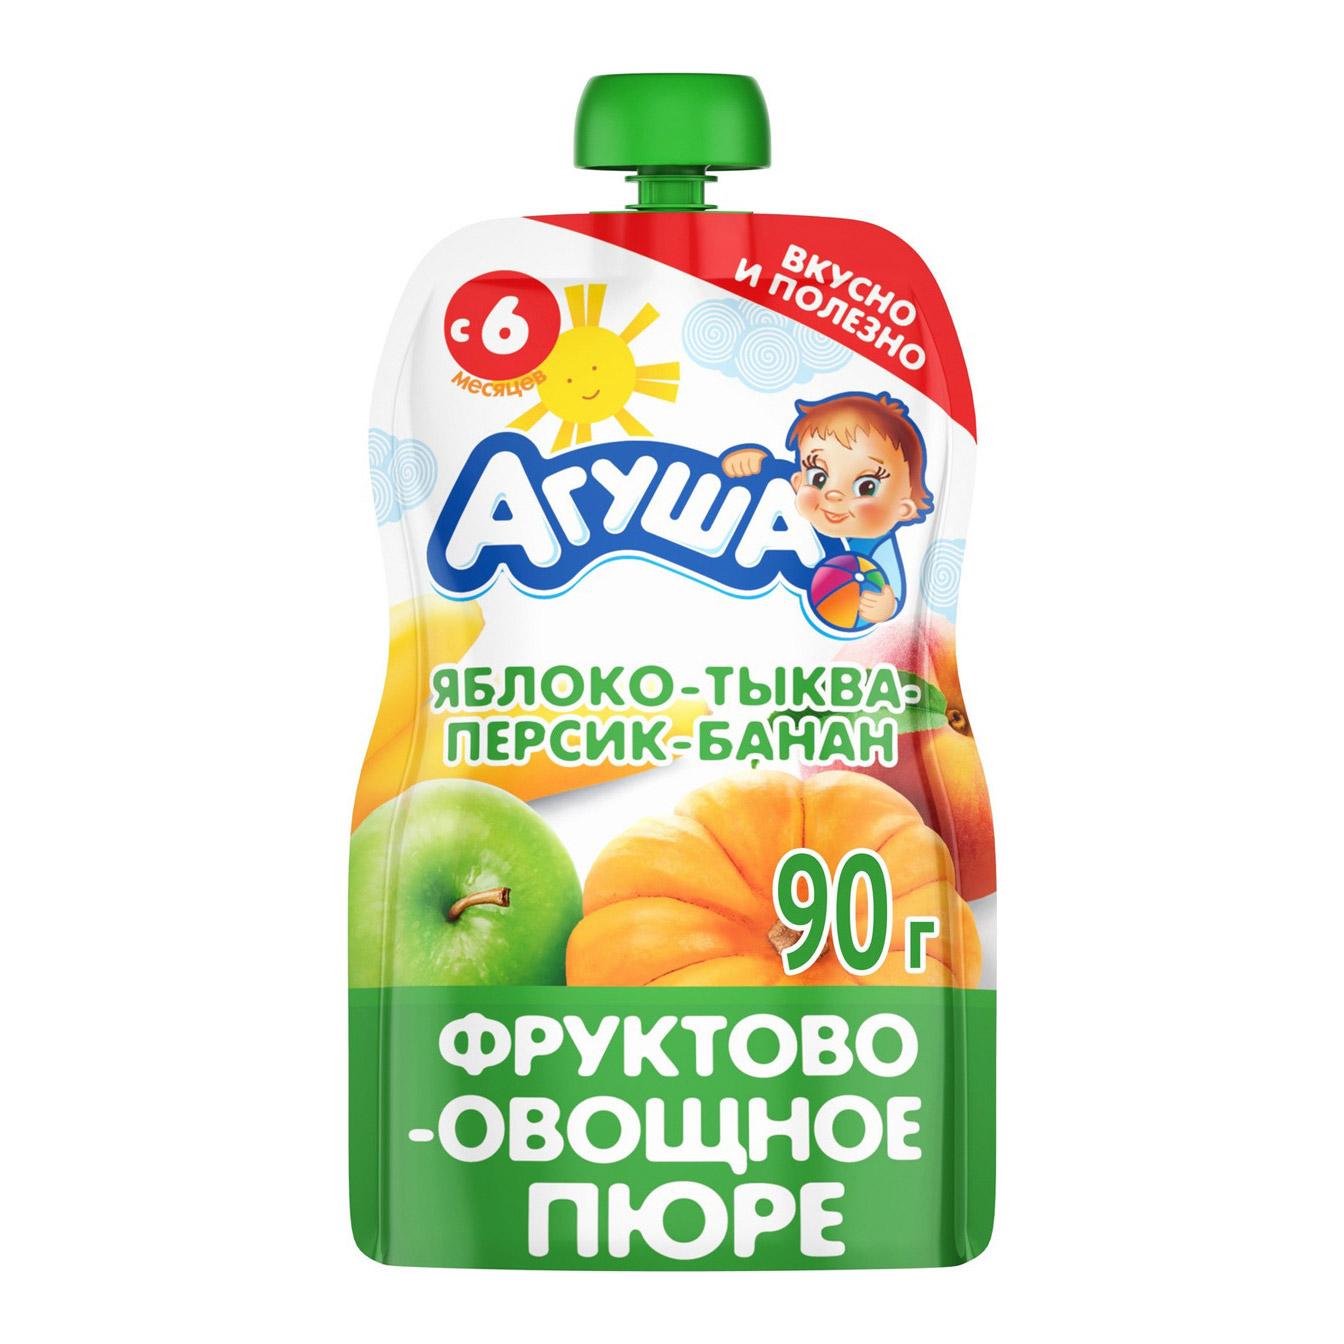 Пюре фруктово-овощное Агуша Яблоко-Тыква-Персик-Банан 90 г